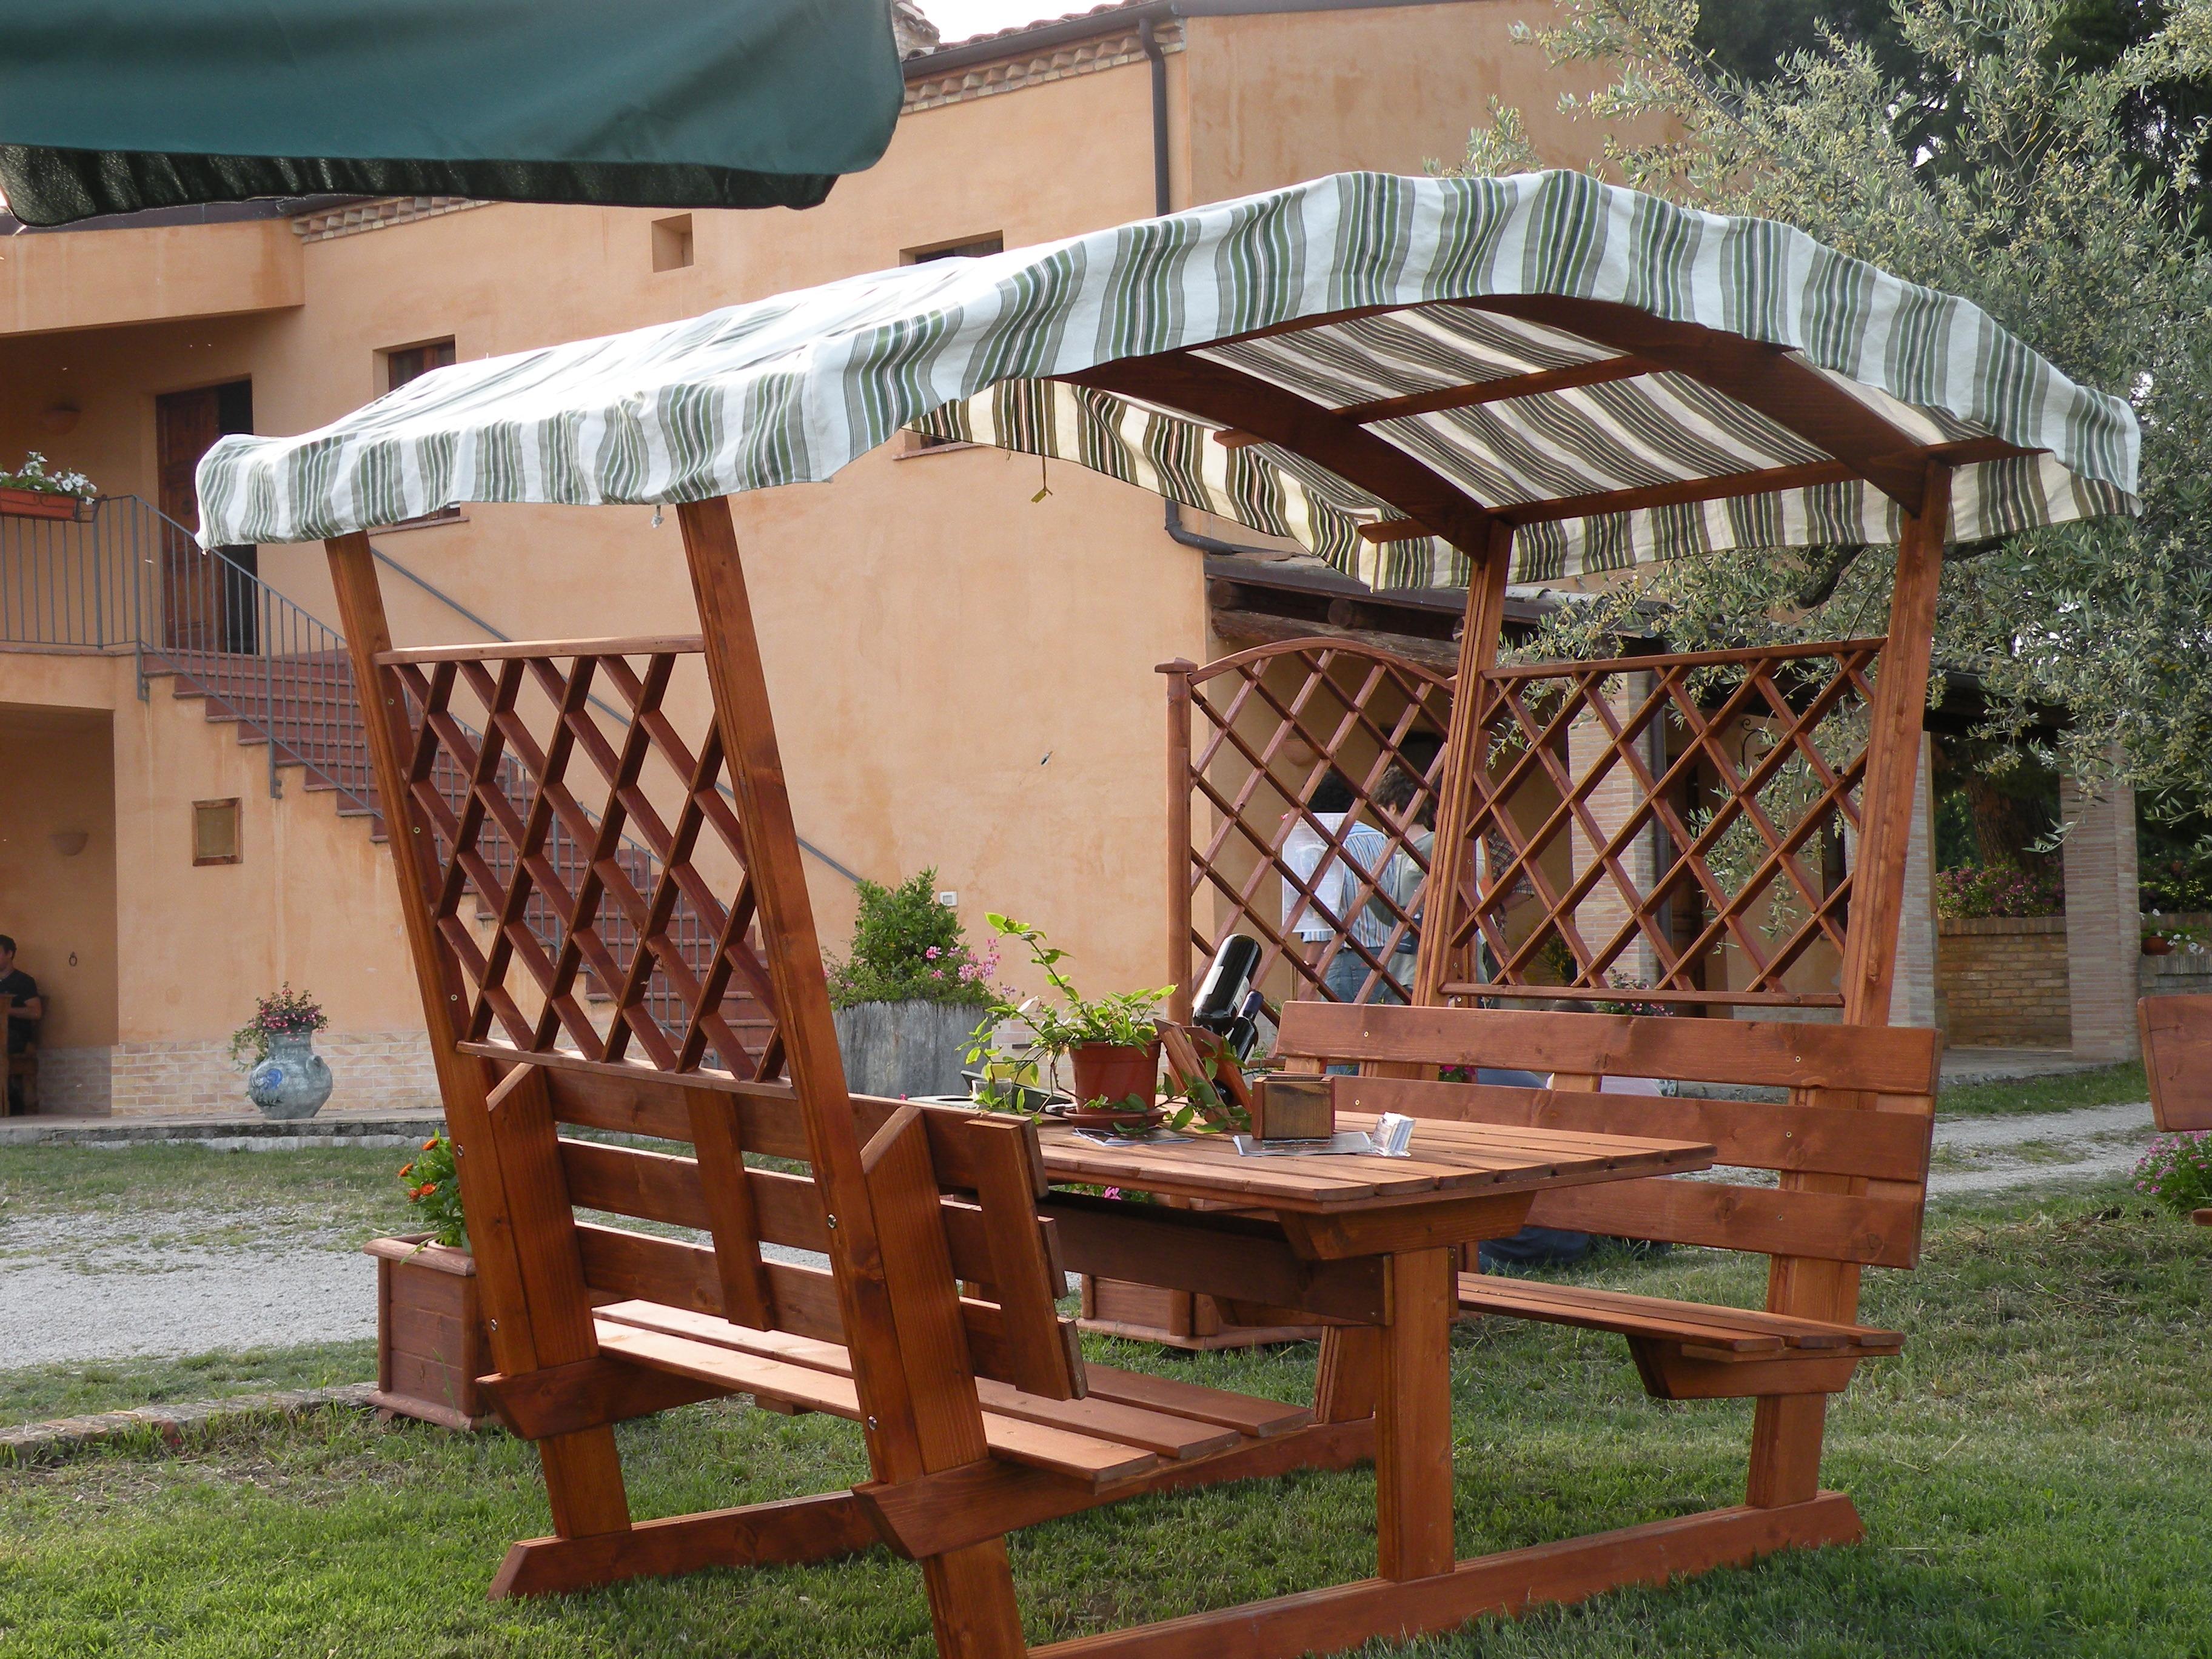 Tavoli per l 39 esterno in legno tavolo mod party con copertura - Tavoli per esterno in legno ...